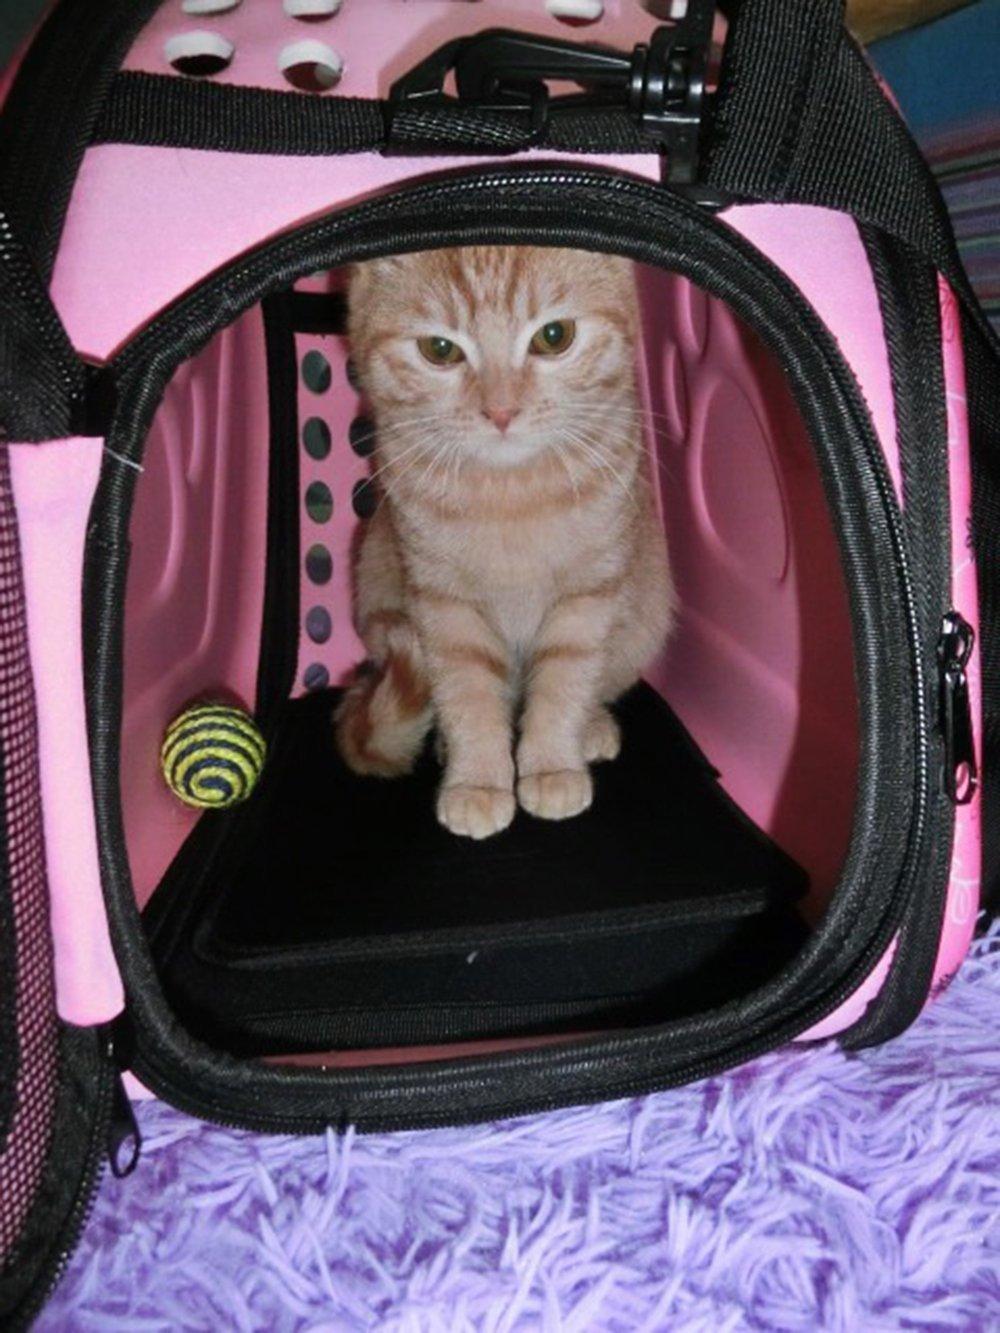 Itian Portatile Traspirante Pieghevole Pet Carrier Bag Animale Domestico Borsa per il Trasporto Cucciolo Piccolo Gatto Cane Borsetta Giallastro